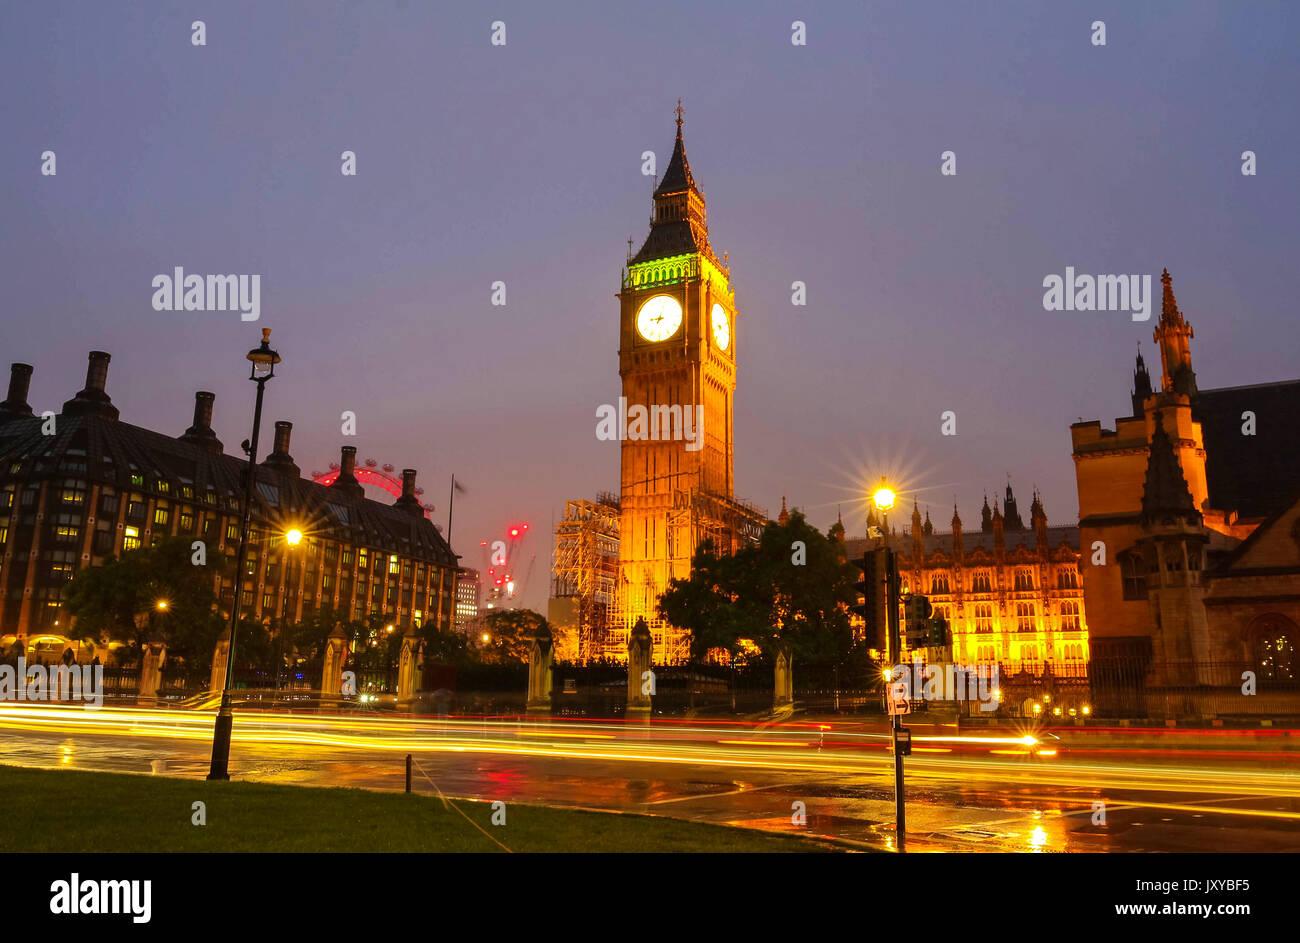 Il Big Ben torre a notte piovosa, Londra, Regno Unito. Immagini Stock